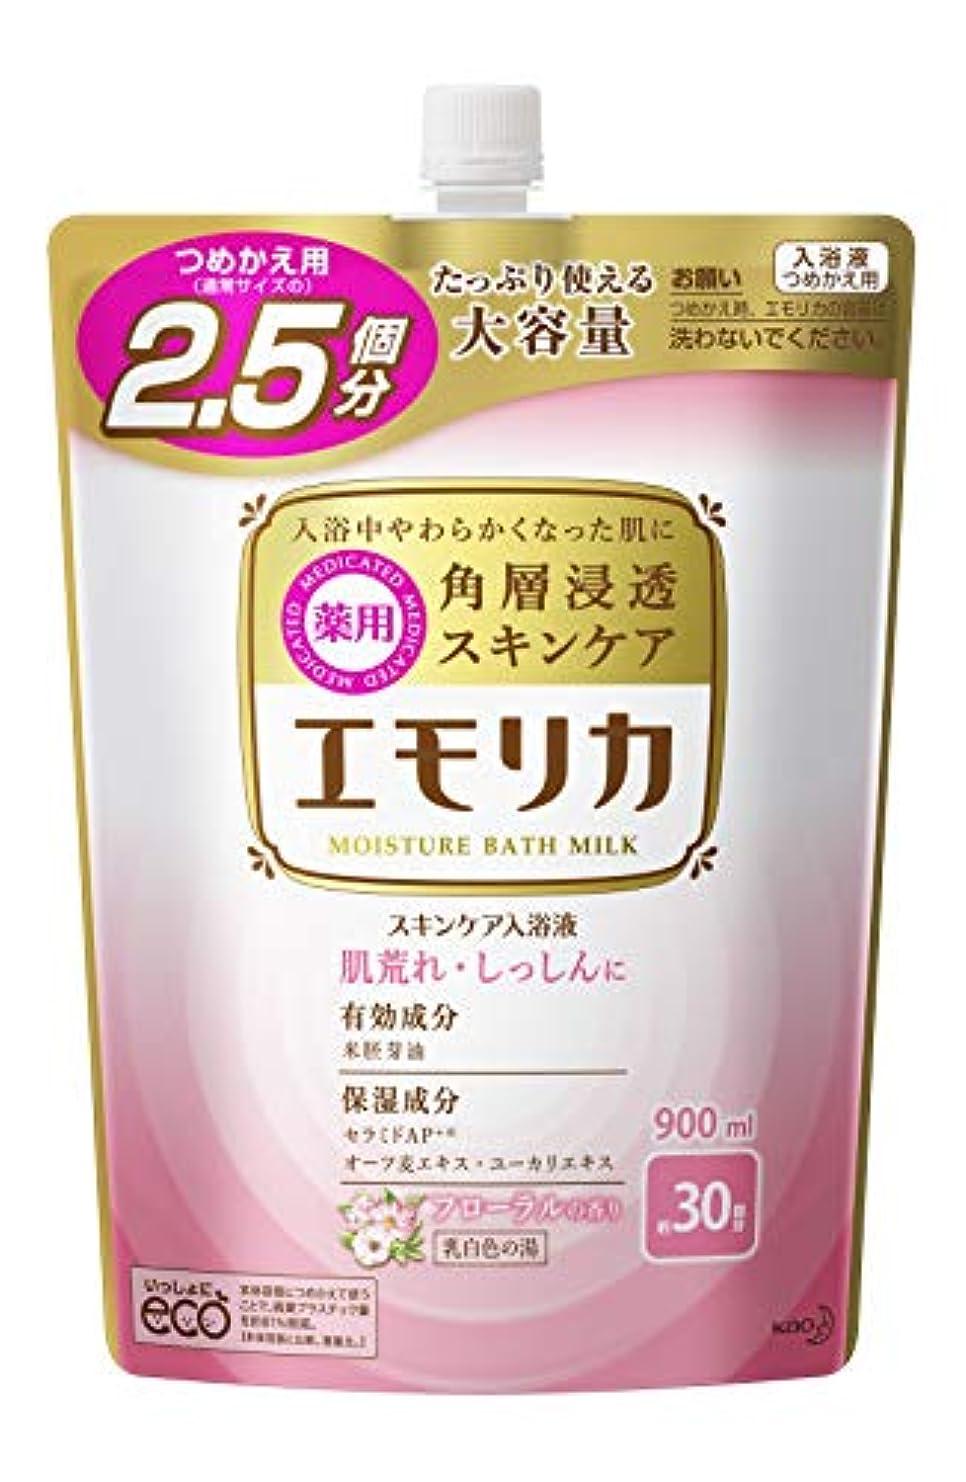 ぬるい細分化する想像力【大容量】エモリカ 薬用スキンケア入浴液 フローラルの香り つめかえ用900ml 液体 入浴剤 (赤ちゃんにも使えます)